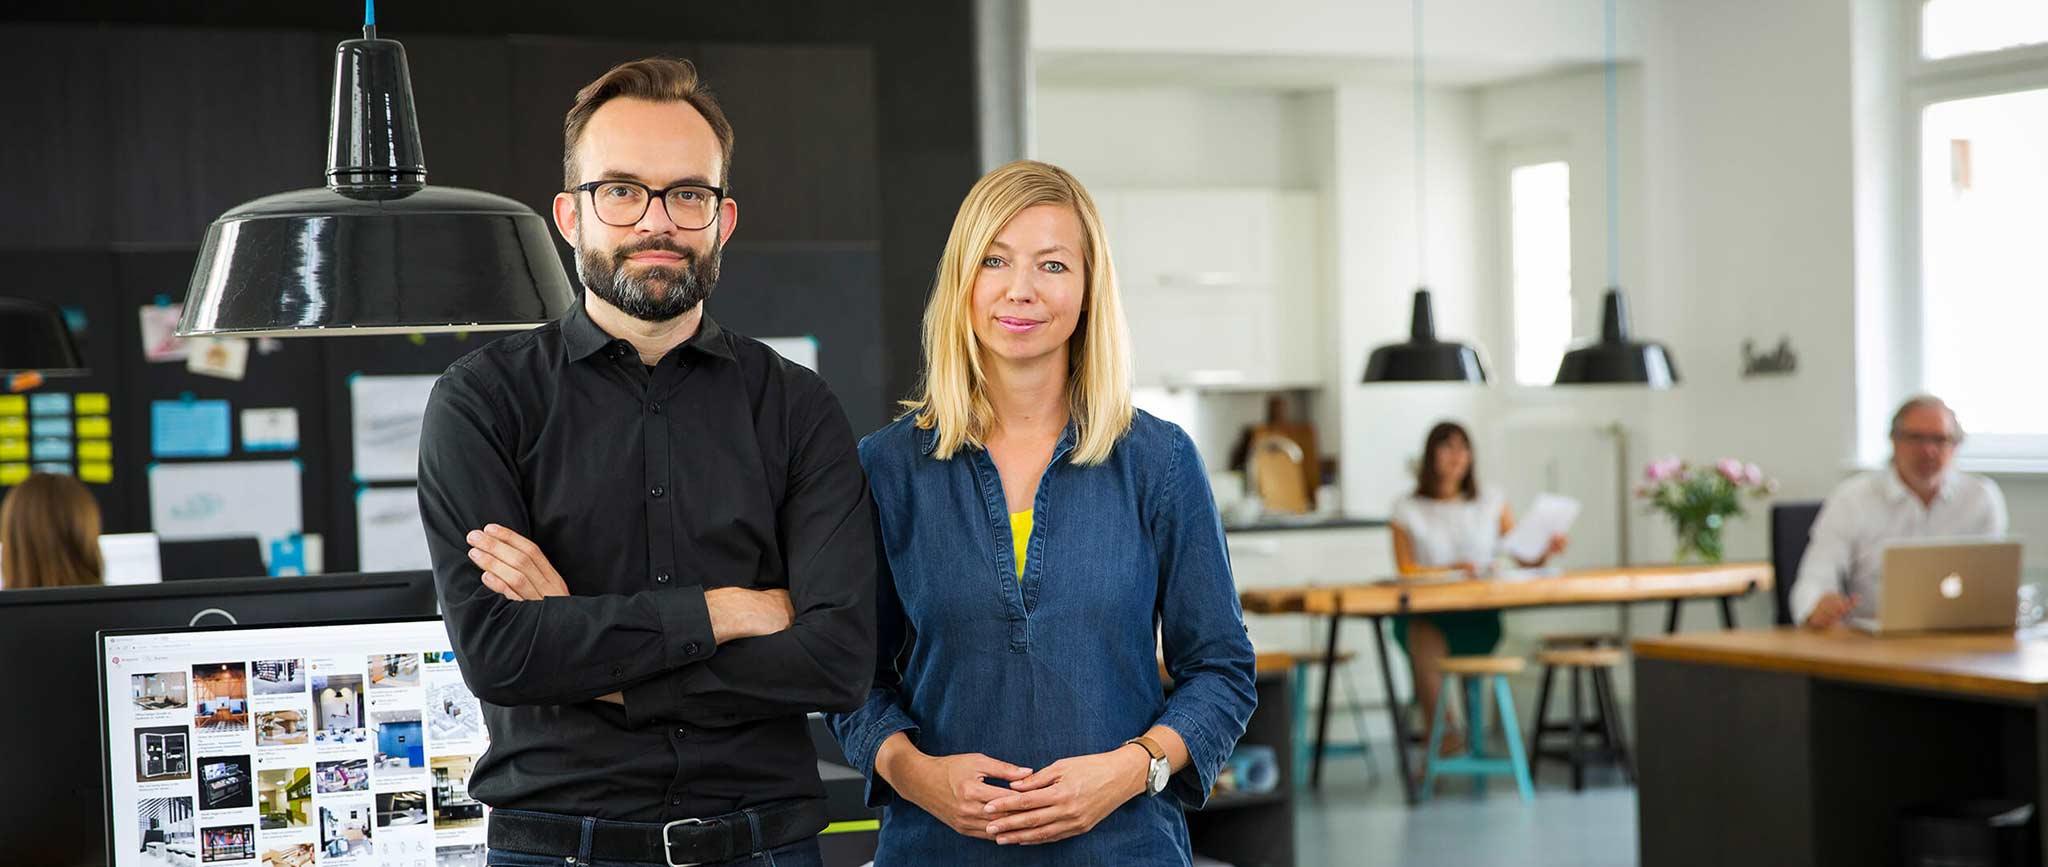 Designagentur Preussisch Portugal aus Hamburg